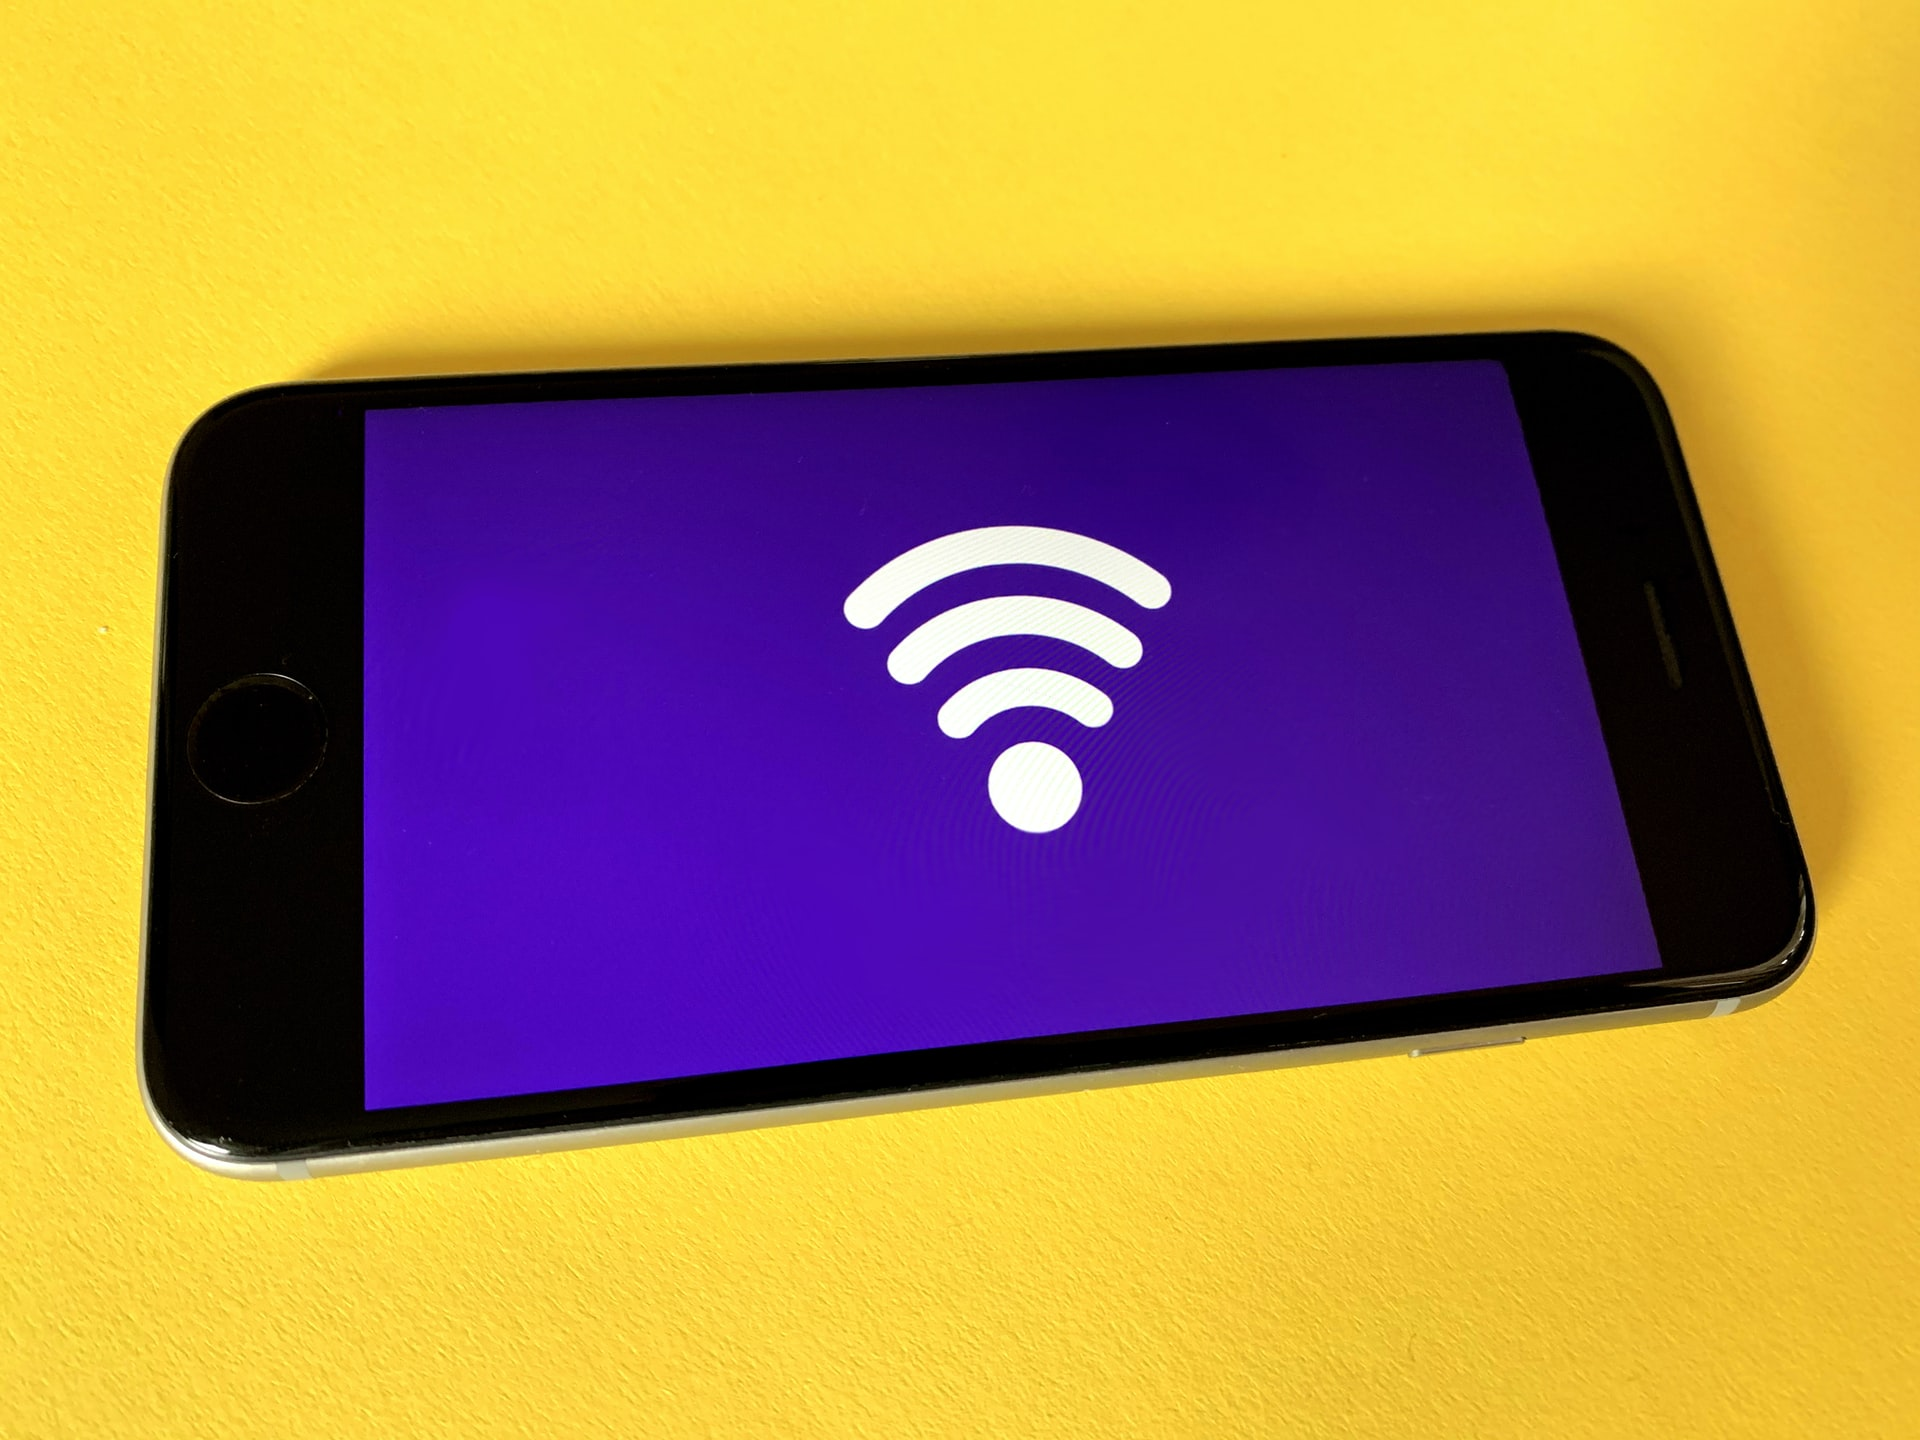 inilah-5-benda-penyebab-koneksi-wifi-lambat